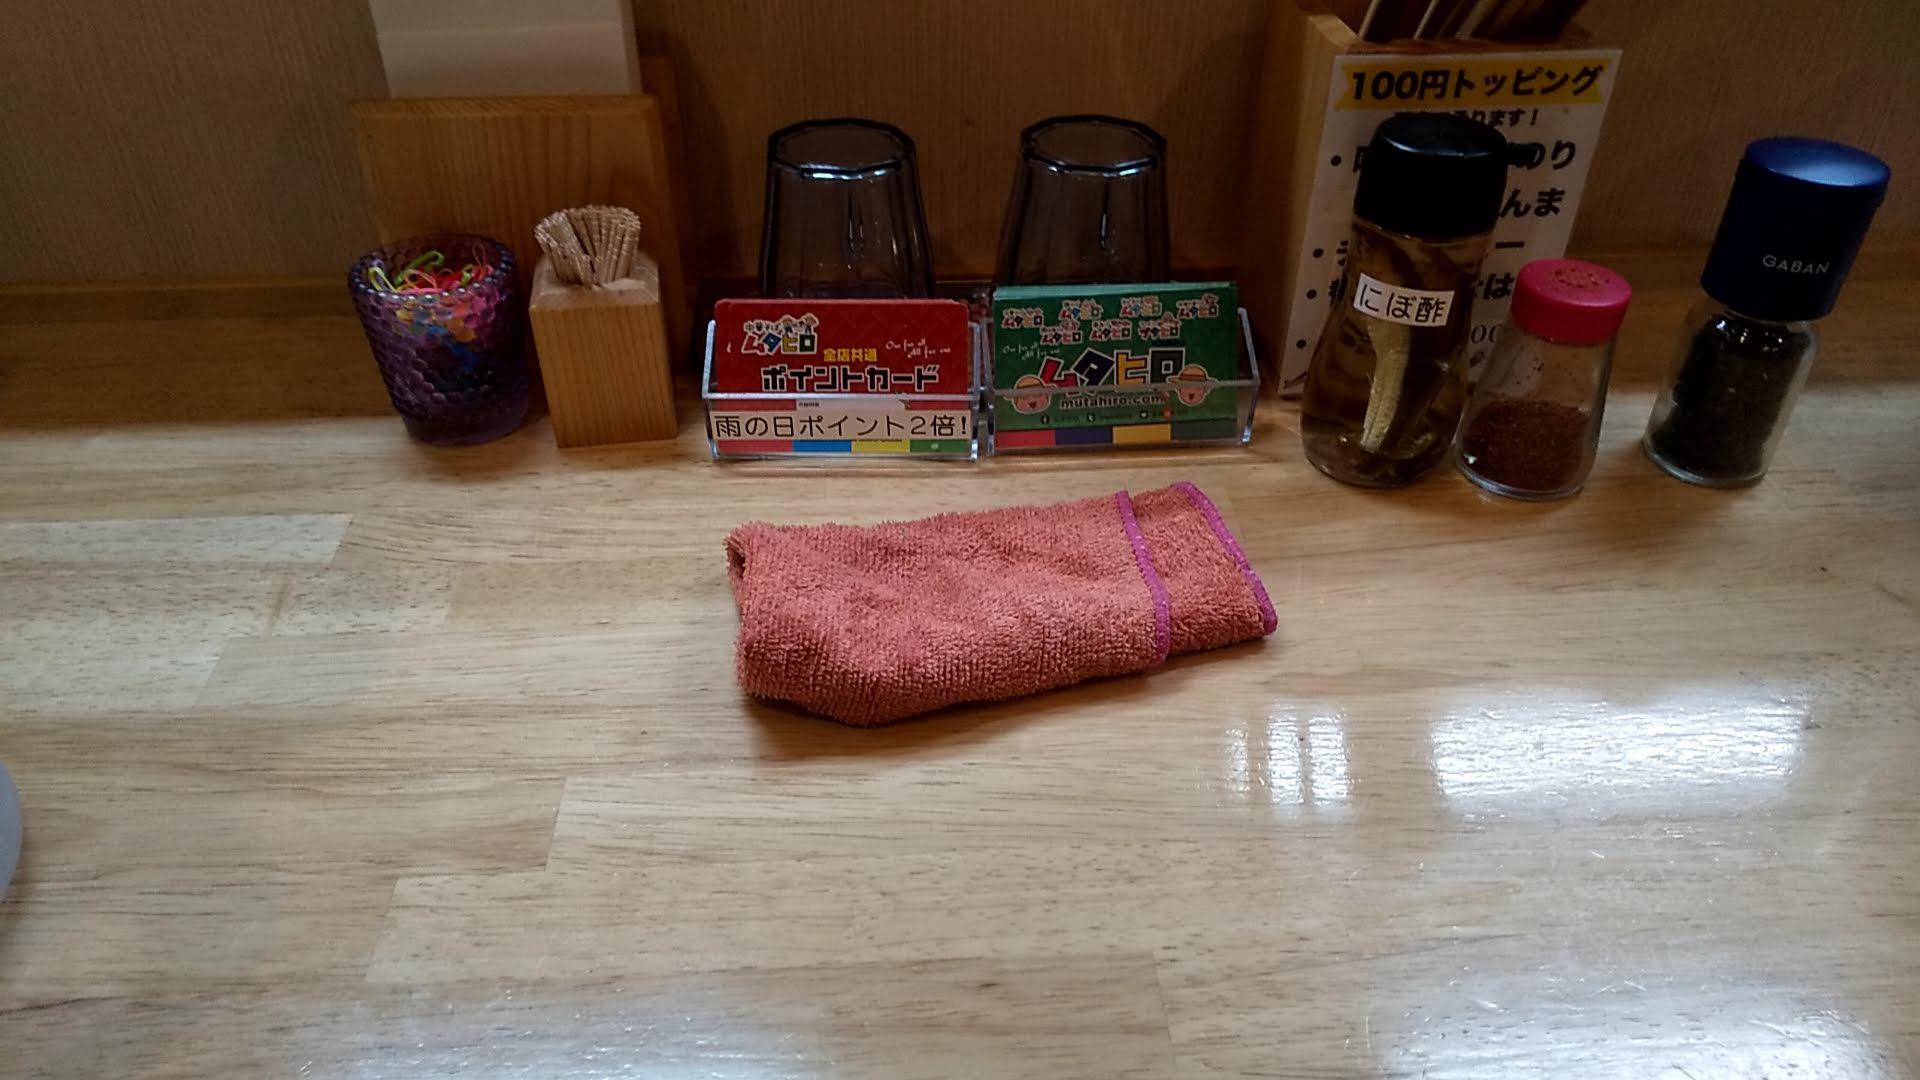 ムタヒロ錦糸町店の卓上